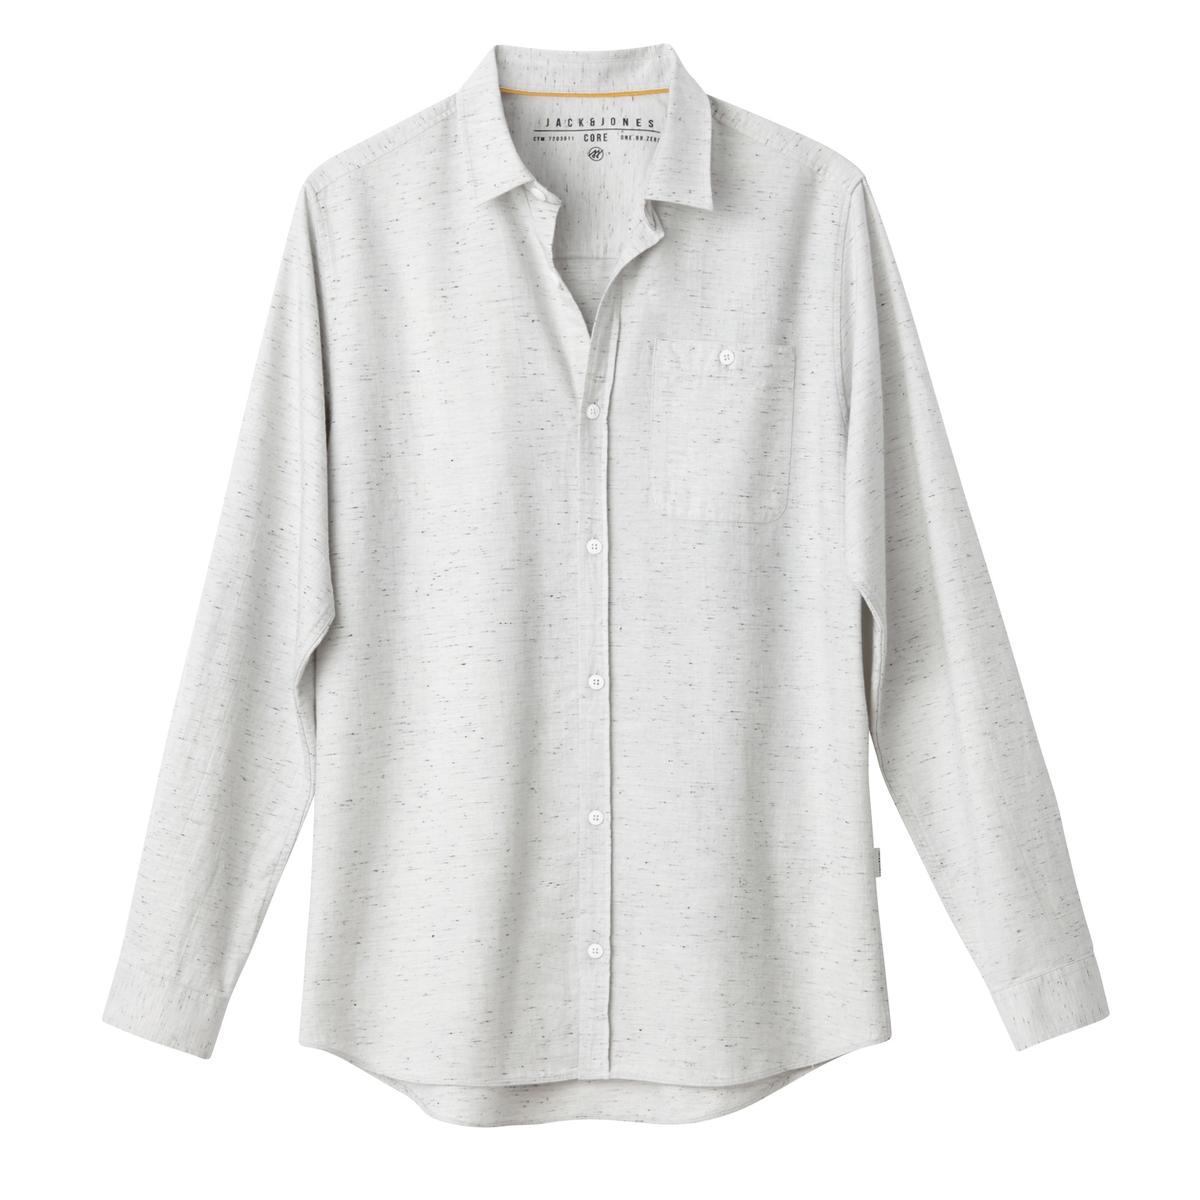 Рубашка с рисунком и длинными рукавамиДетали •  Длинные рукава •  Приталенный покрой   •  Классический воротник •  Рисунок-принтСостав и уход •  100% хлопок •  Следуйте советам по уходу, указанным на этикетке<br><br>Цвет: белый меланж,синий морской